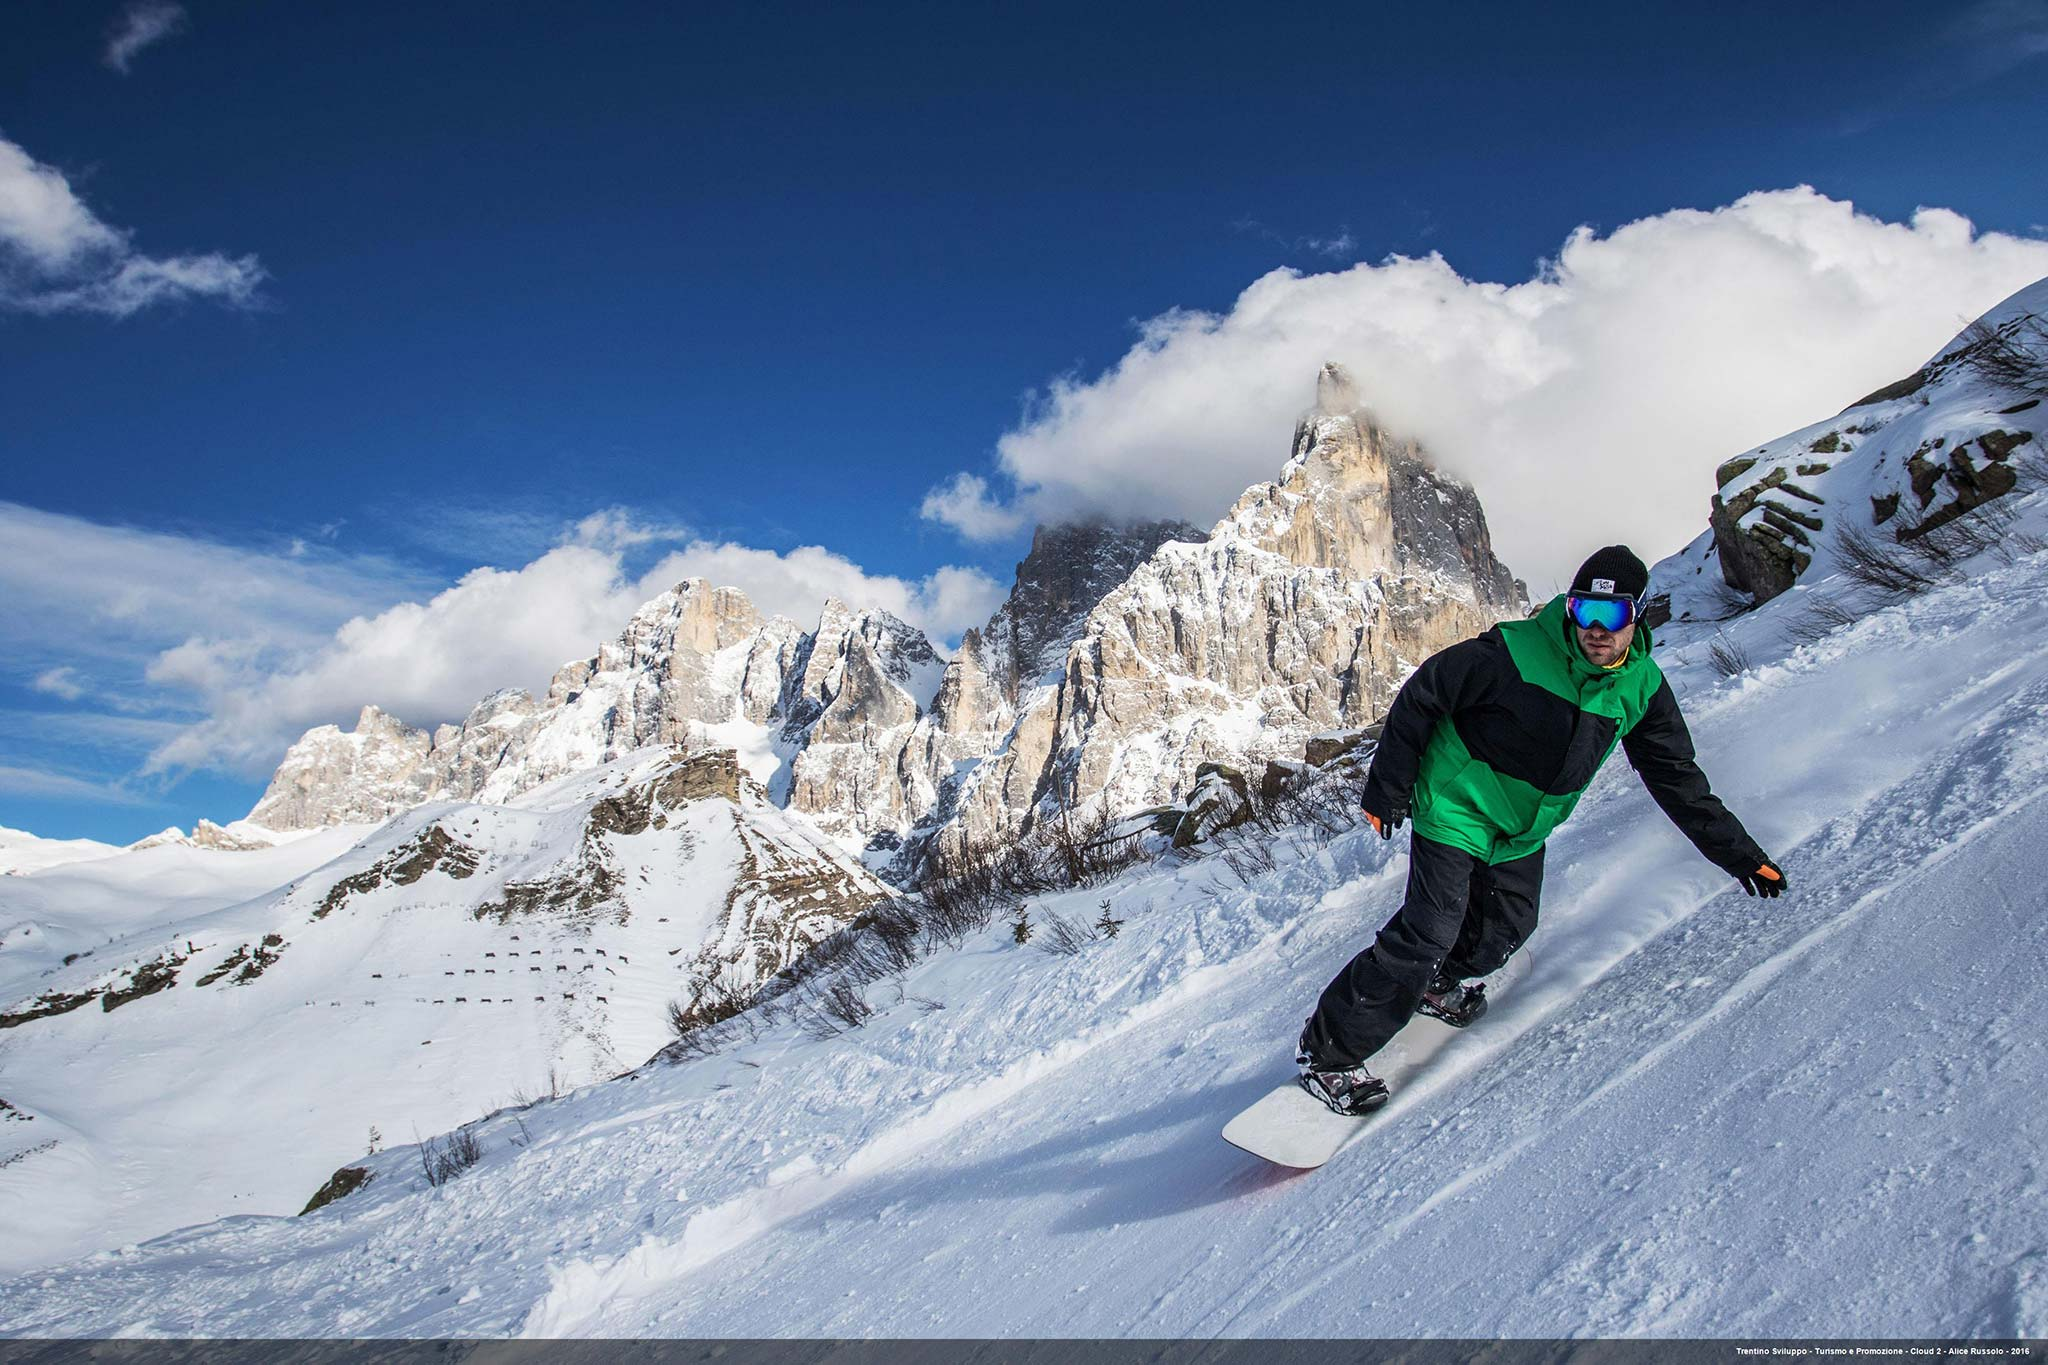 © Trentino Sviluppo S.p.A / Alice Russolo